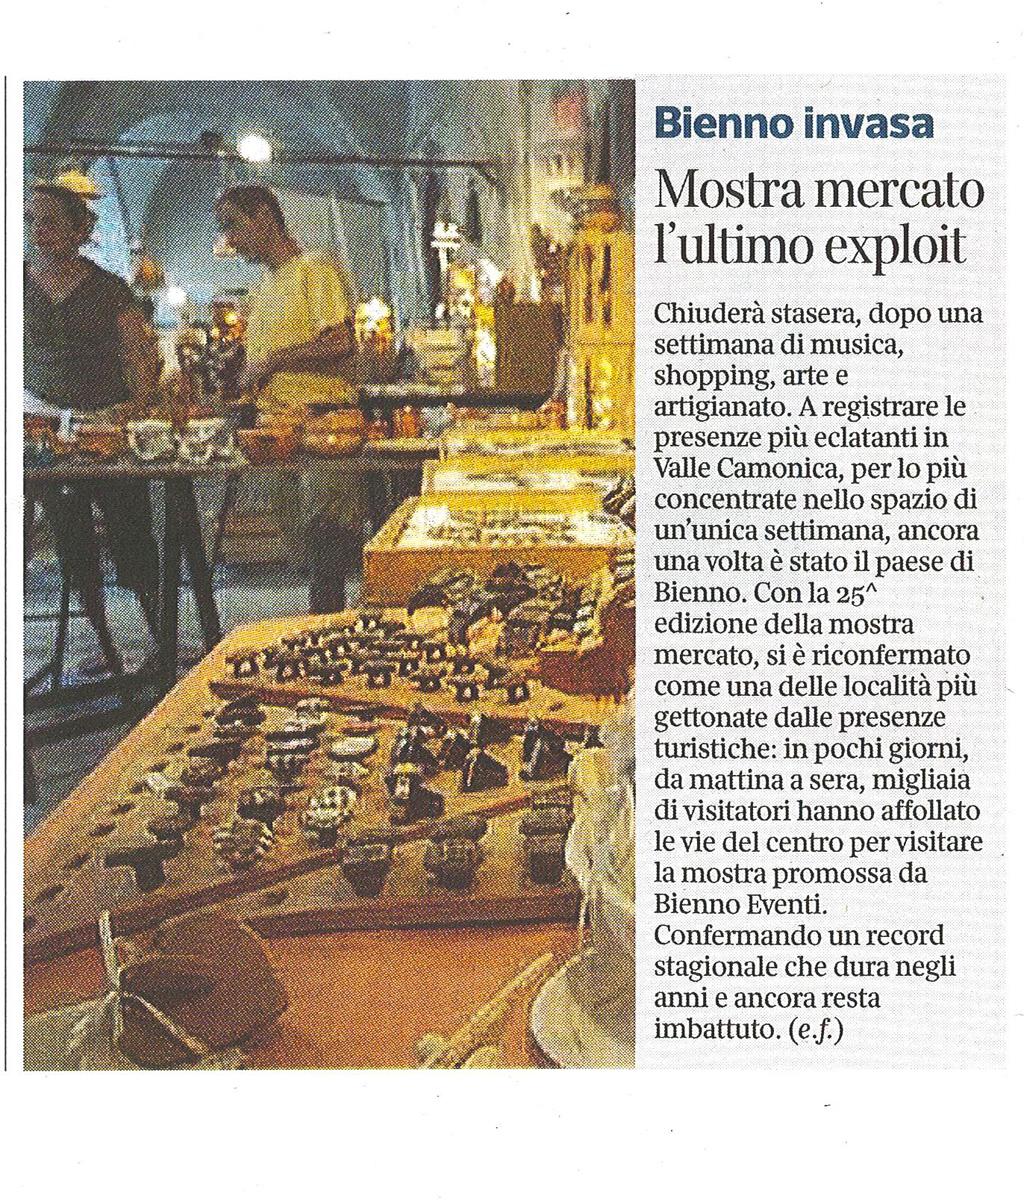 Corriere della sera - domenica 30 agosto 2015